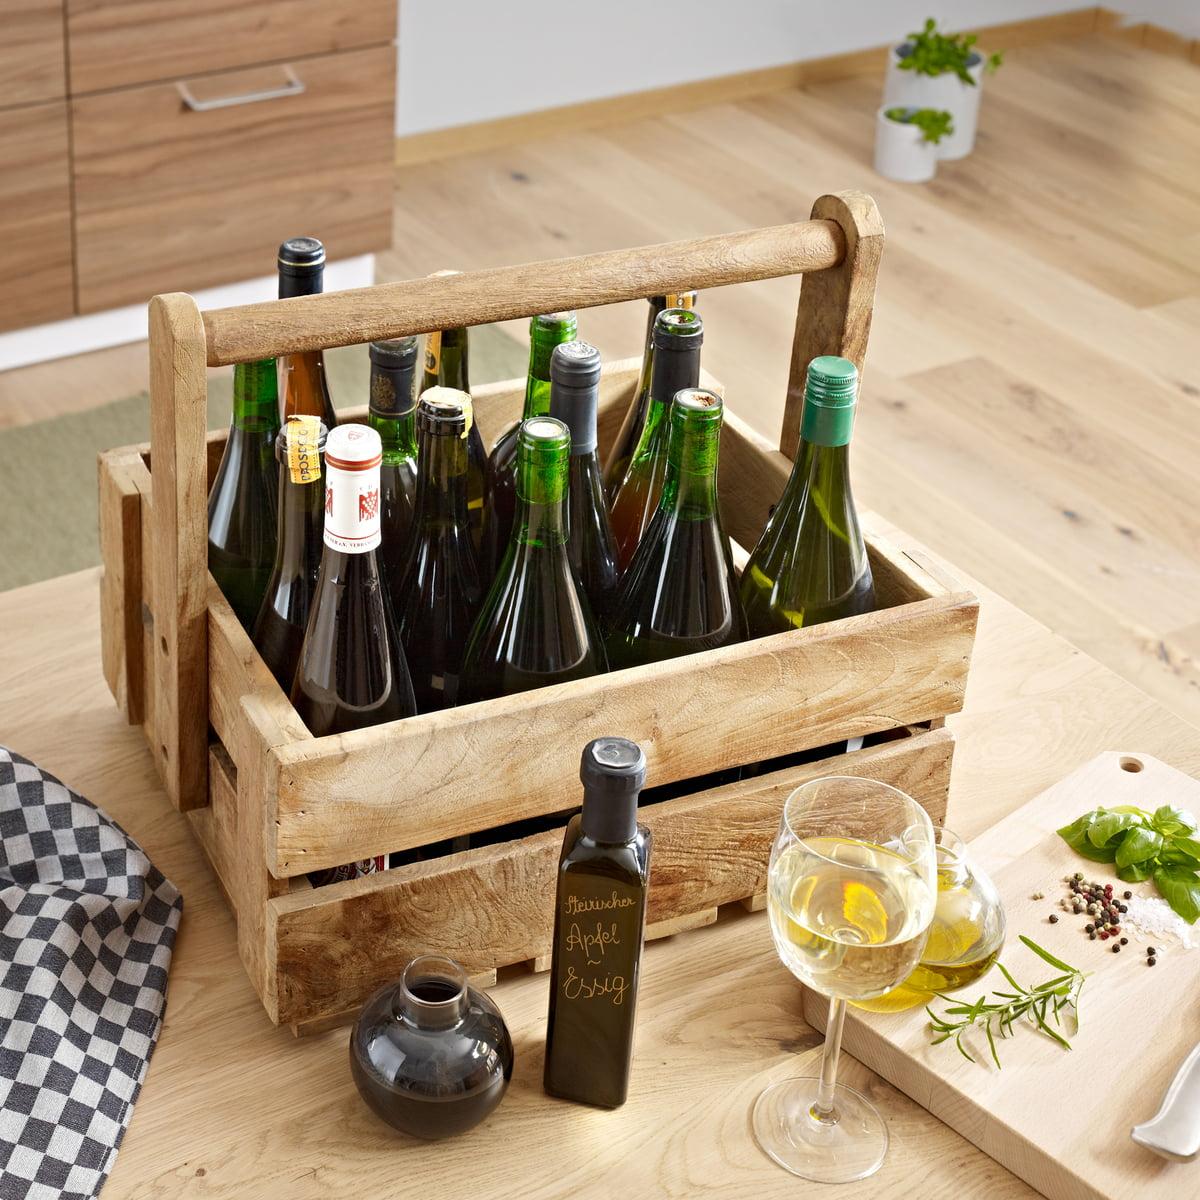 Kiste wine von jan kurtz im wohndesign shop for Wohndesign shop